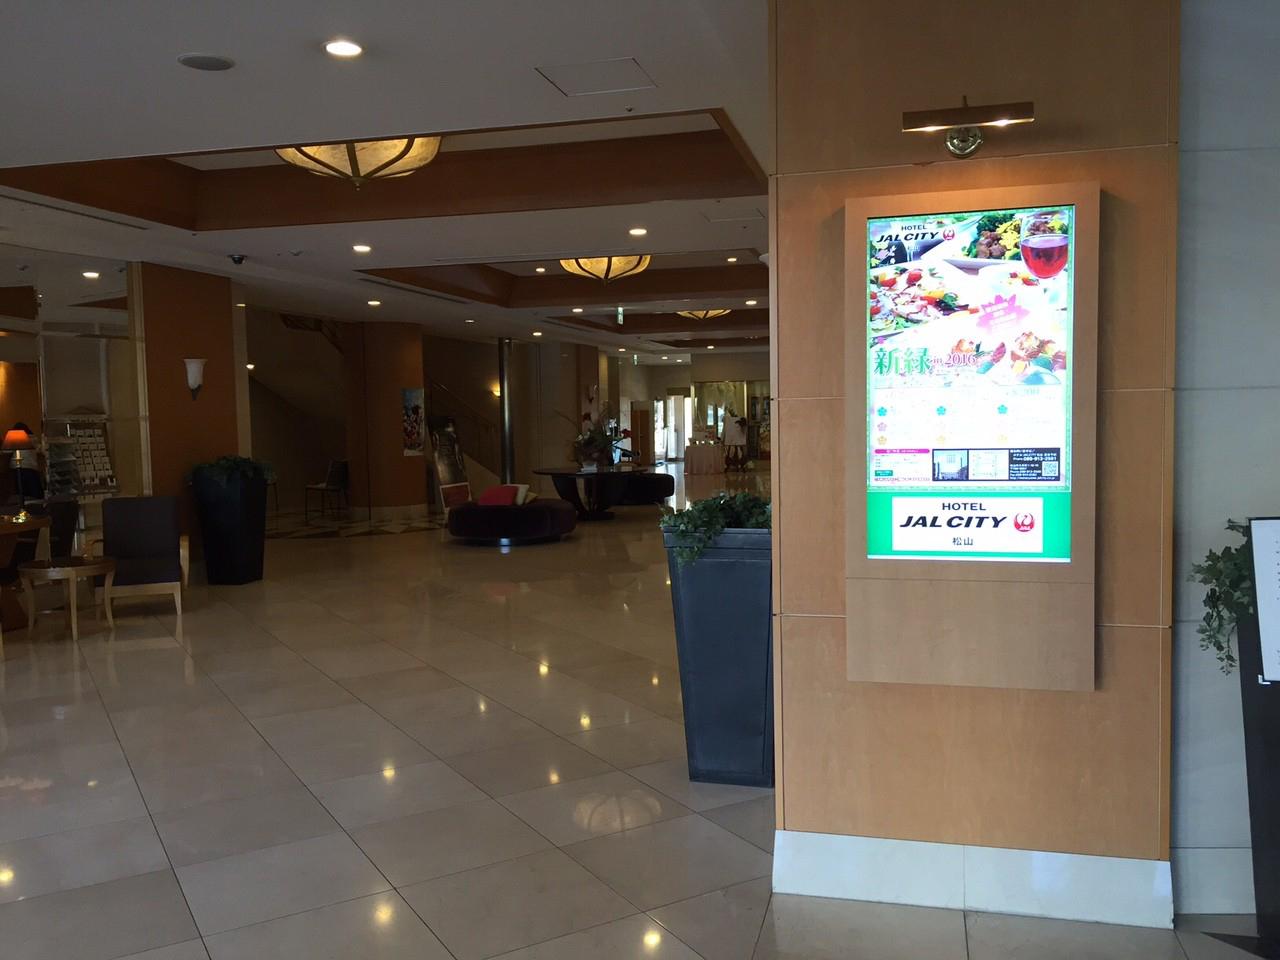 導入事例 デジタルサイネージ 47インチ壁掛け ホテル設置 事例